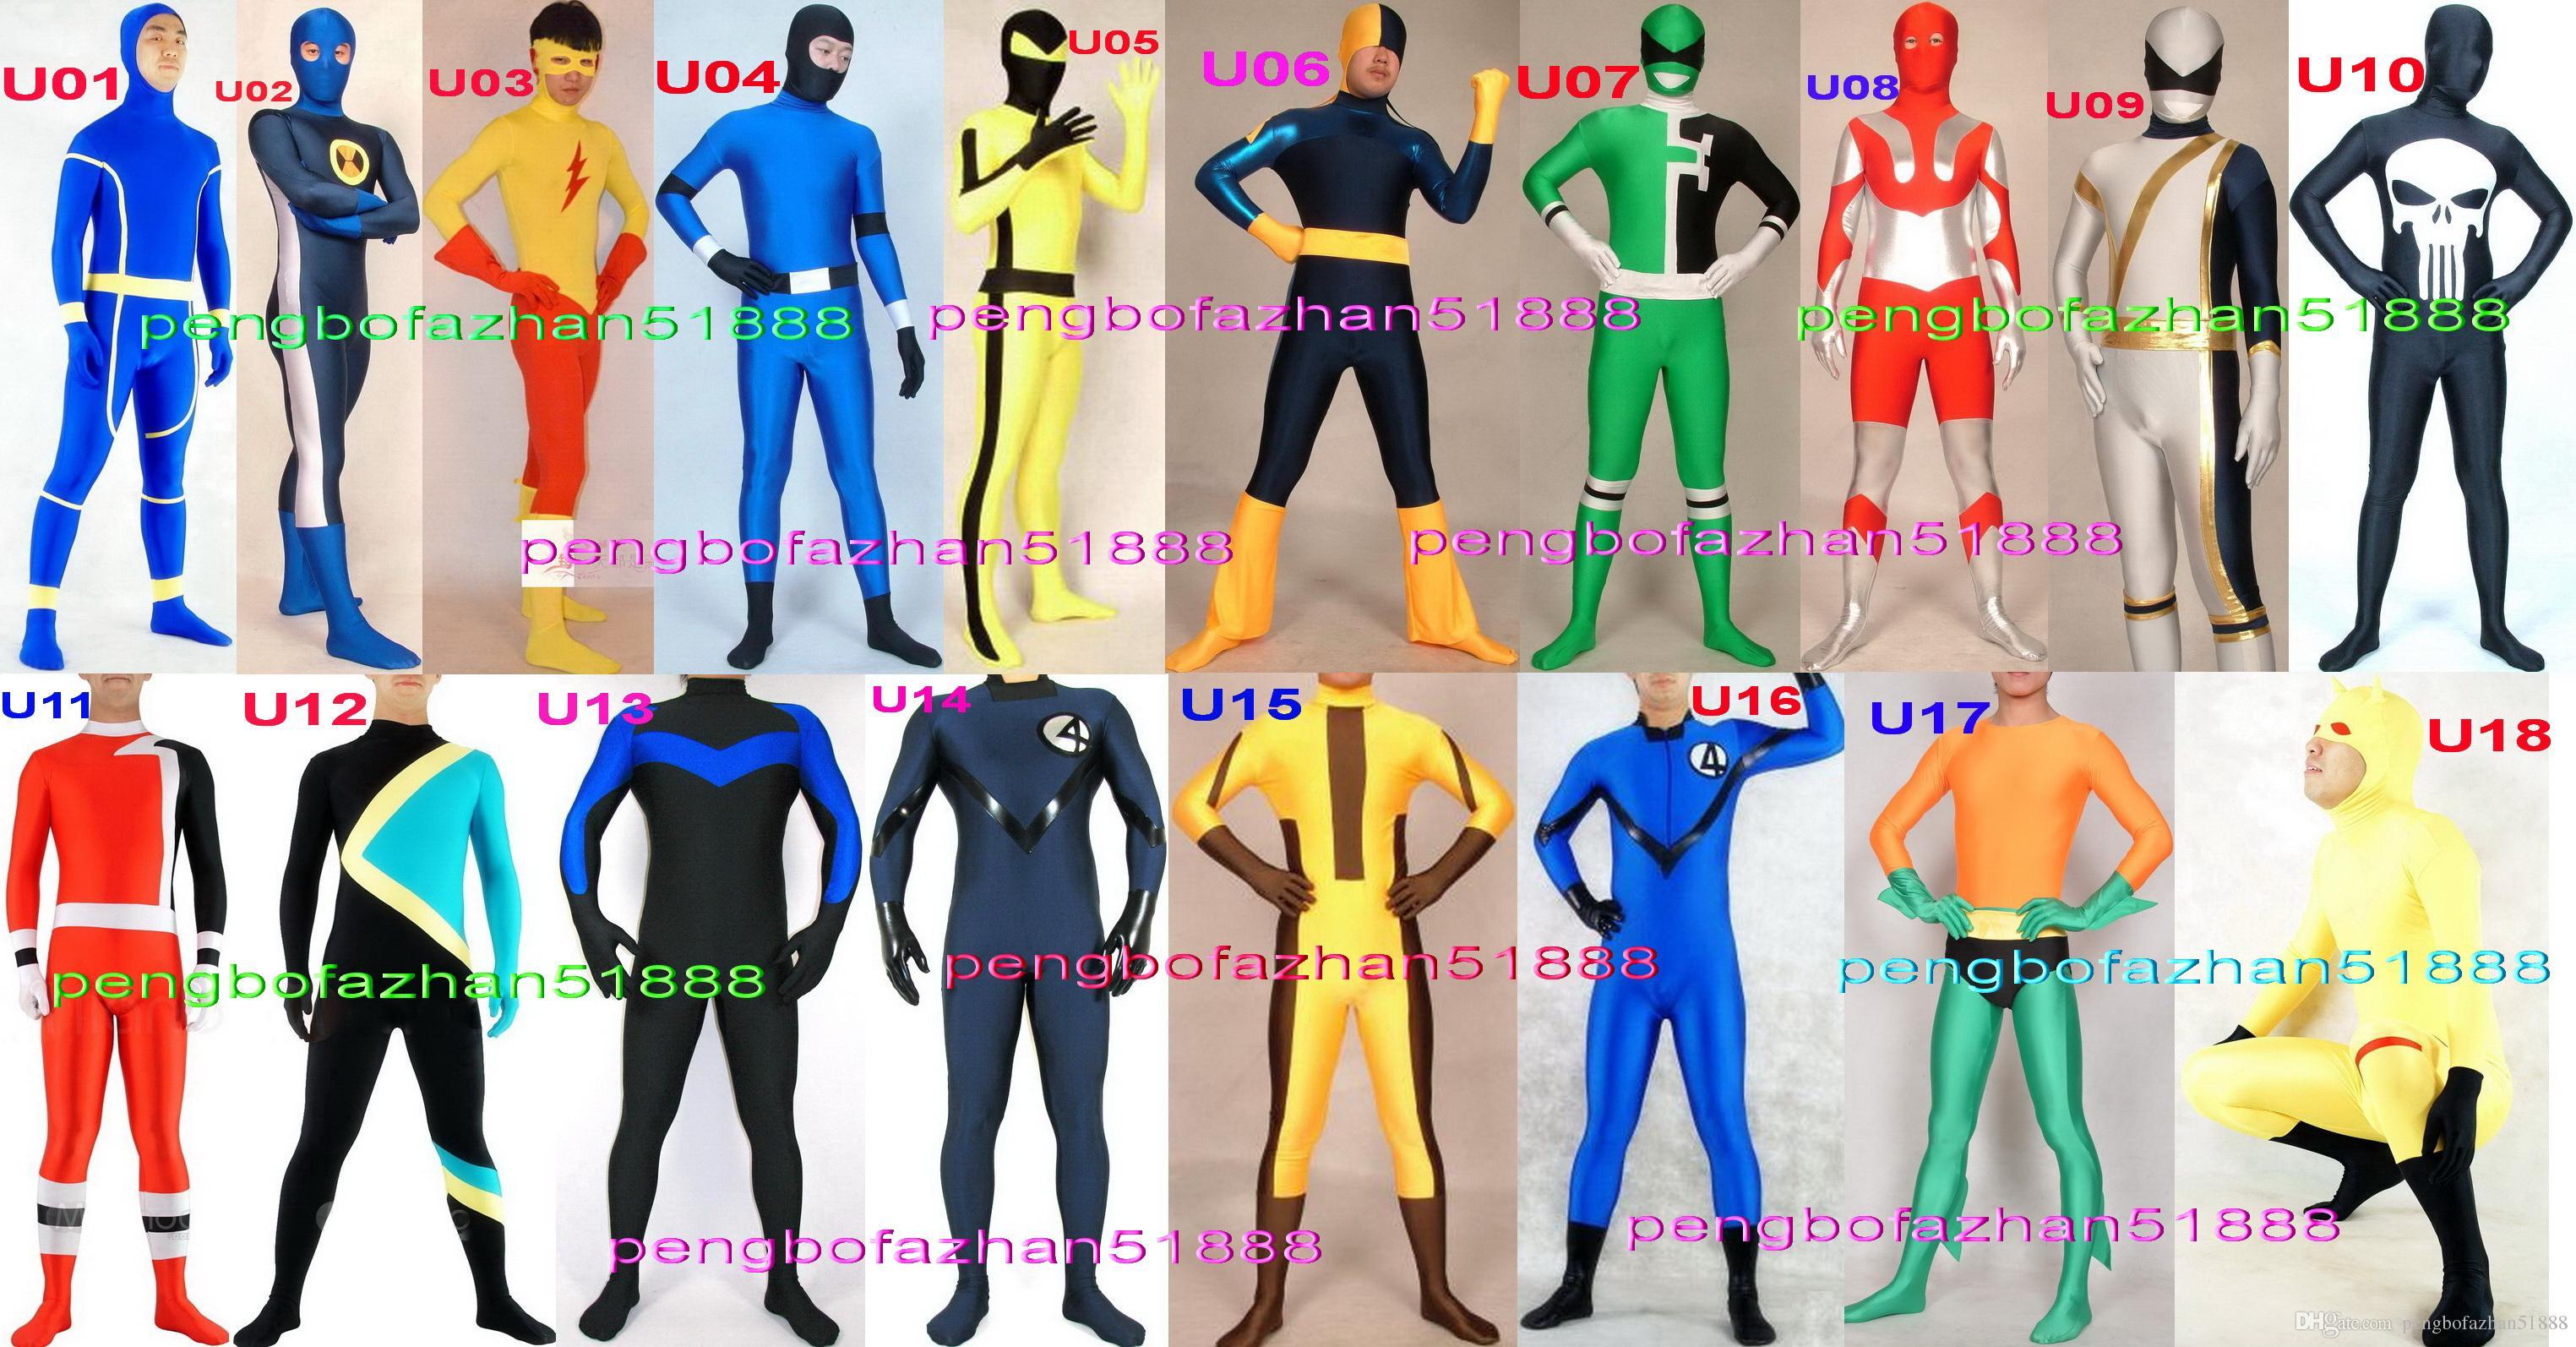 97b944aa5 Traje de superhéroe de fantasía Outfit Nuevo Traje de 18 superhéroes de  licra de estilo Trajes de unicornio Traje de superhéroe Flash Trajes de  Jamaica ...